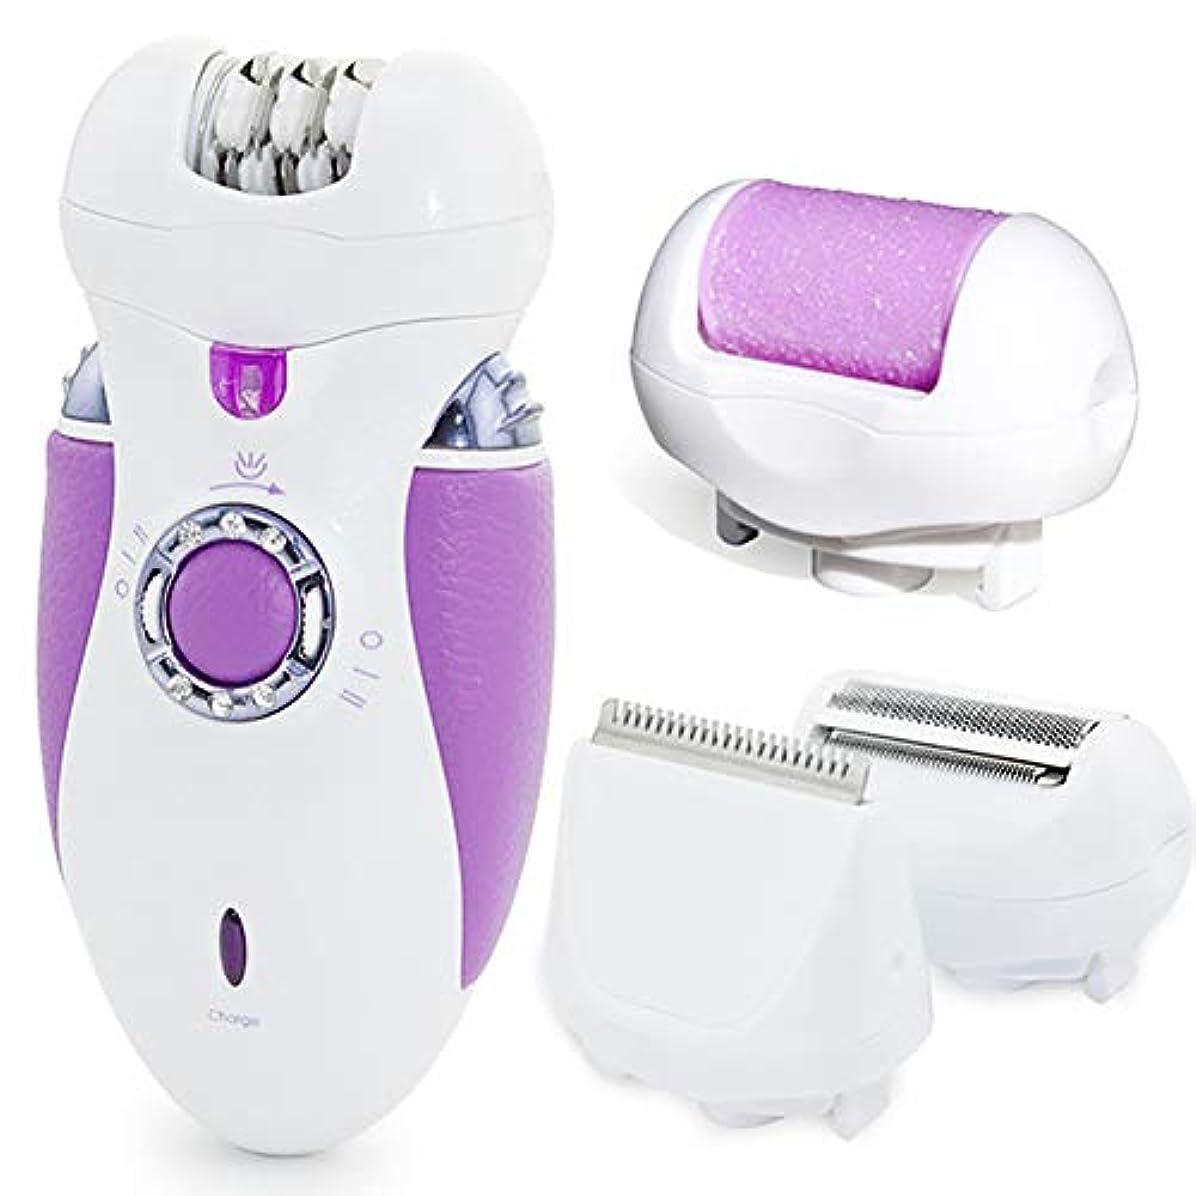 ニュース愛人バット女性のための脱毛器、1シェーバー電気かみそりを含むウェット&ドライ電気シェーバー脱毛で4防水レディー電気シェーバーコードレス,紫色